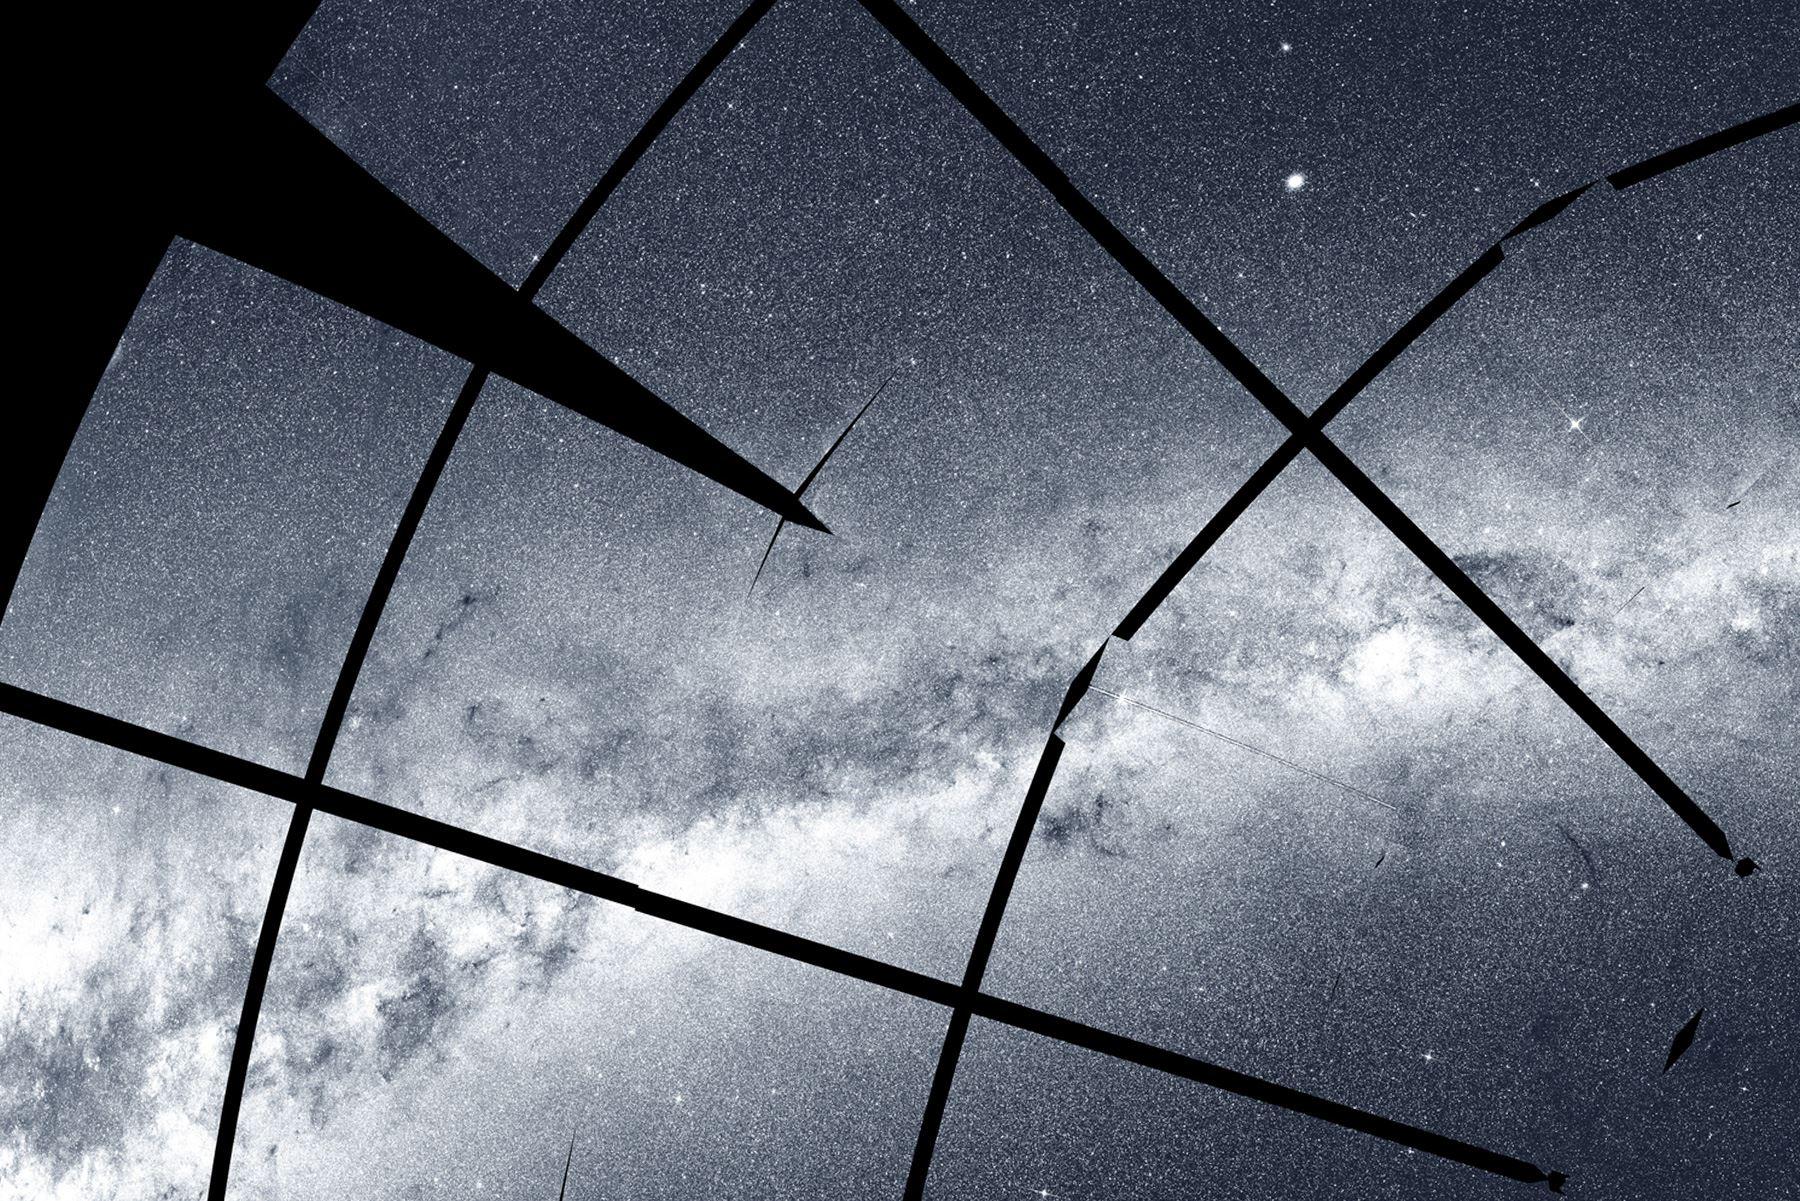 Imagen forma parte del mosaico del cielo del sur, que fue ensamblado a partir de 208 imágenes tomadas por el Satélite de Inspección de Exoplanetas en Tránsito (TESS) de la NASA. Créditos: NASA / MIT / TESS y Ethan Kruse (USRA)